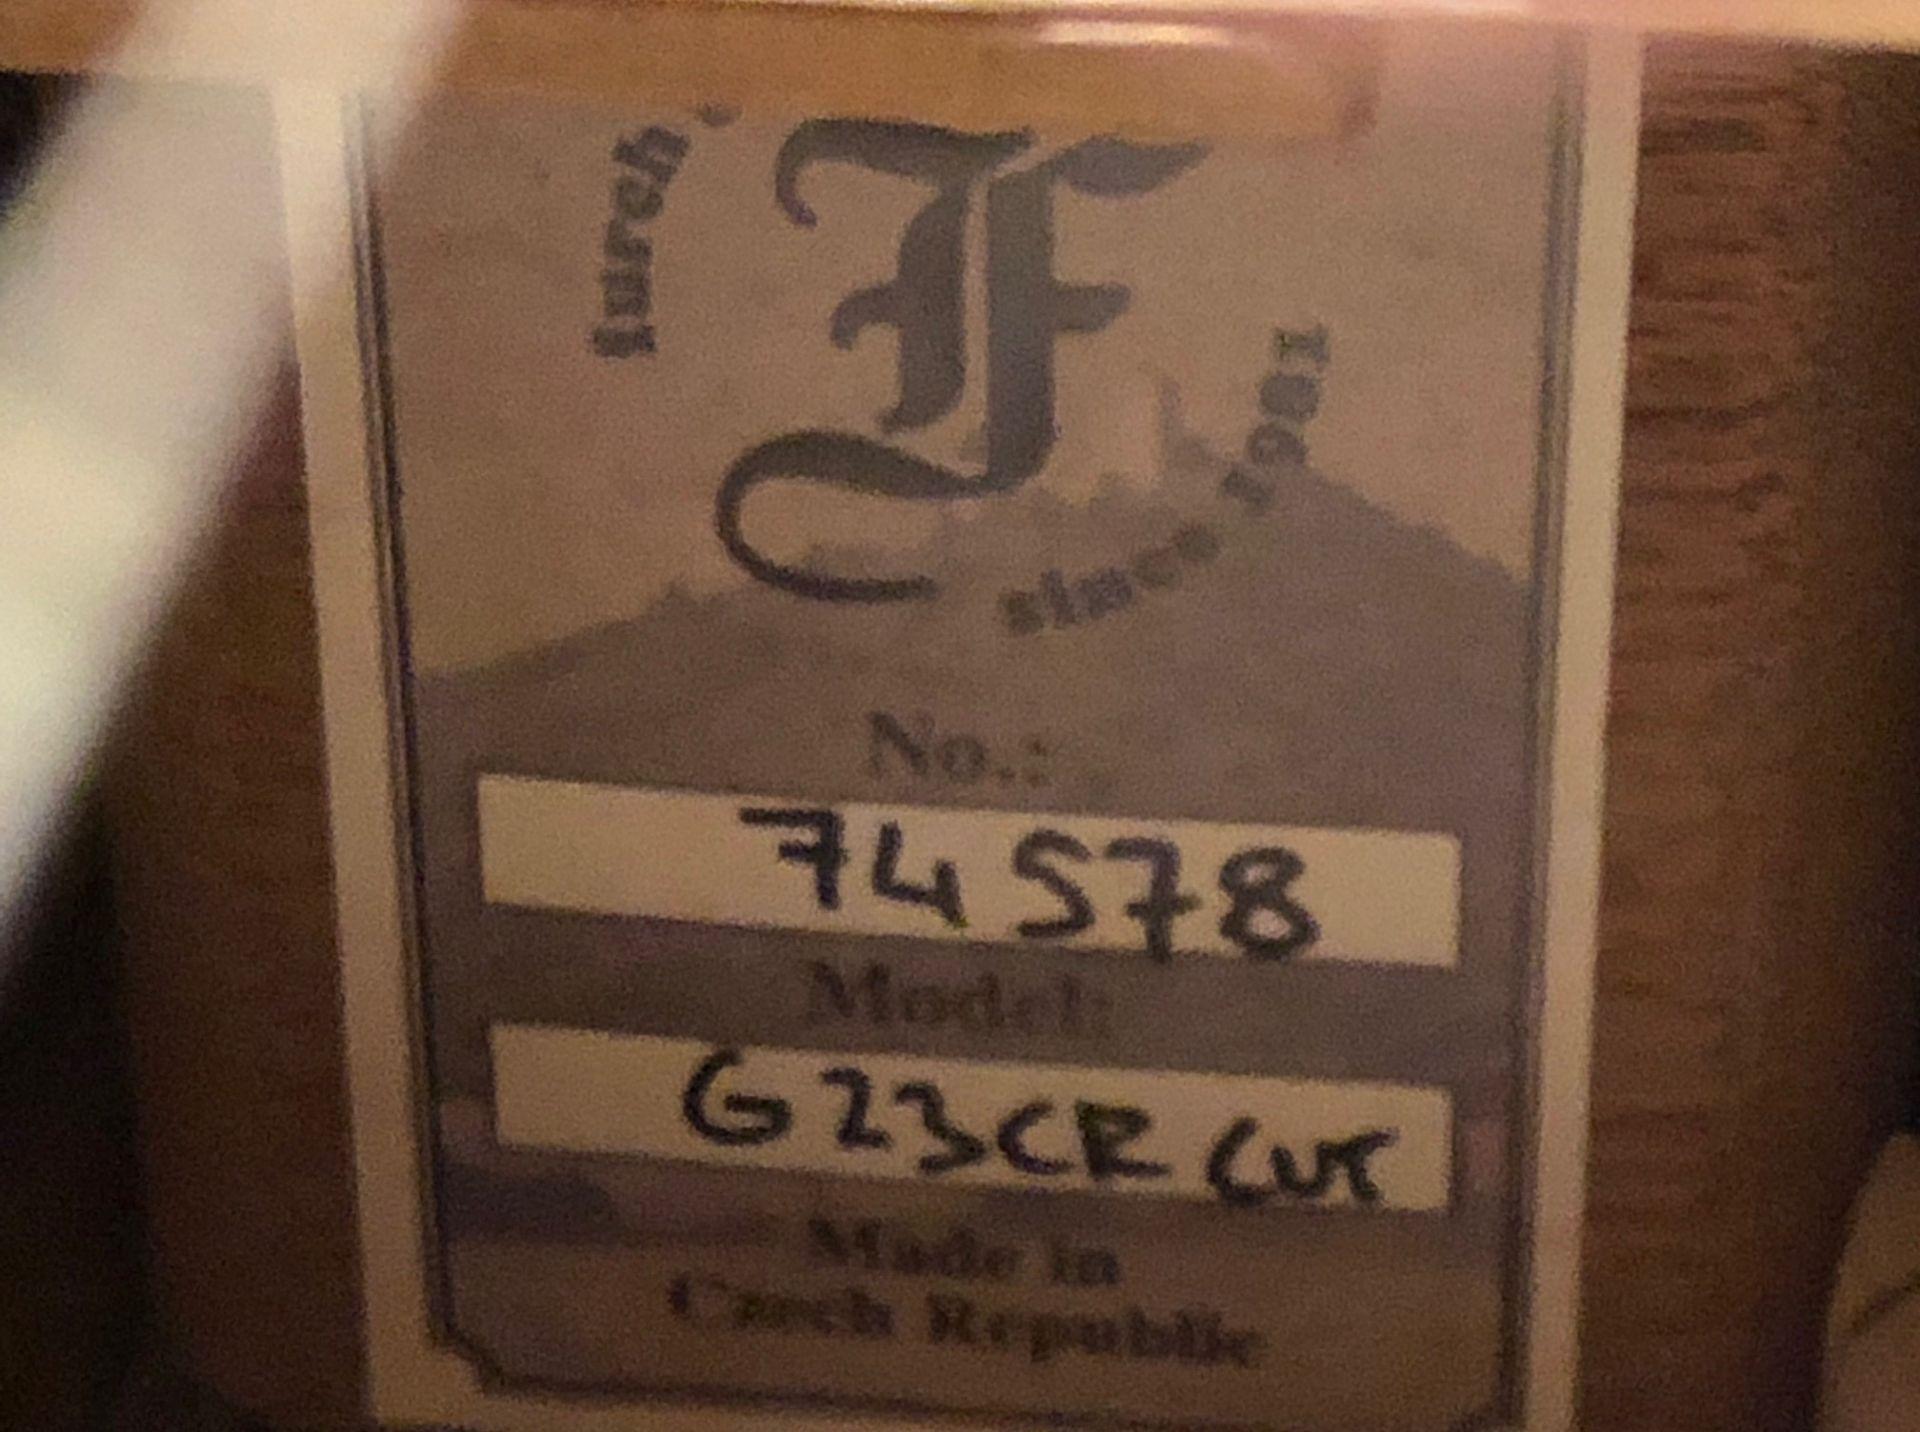 G23-CRCTのケース・その他画像